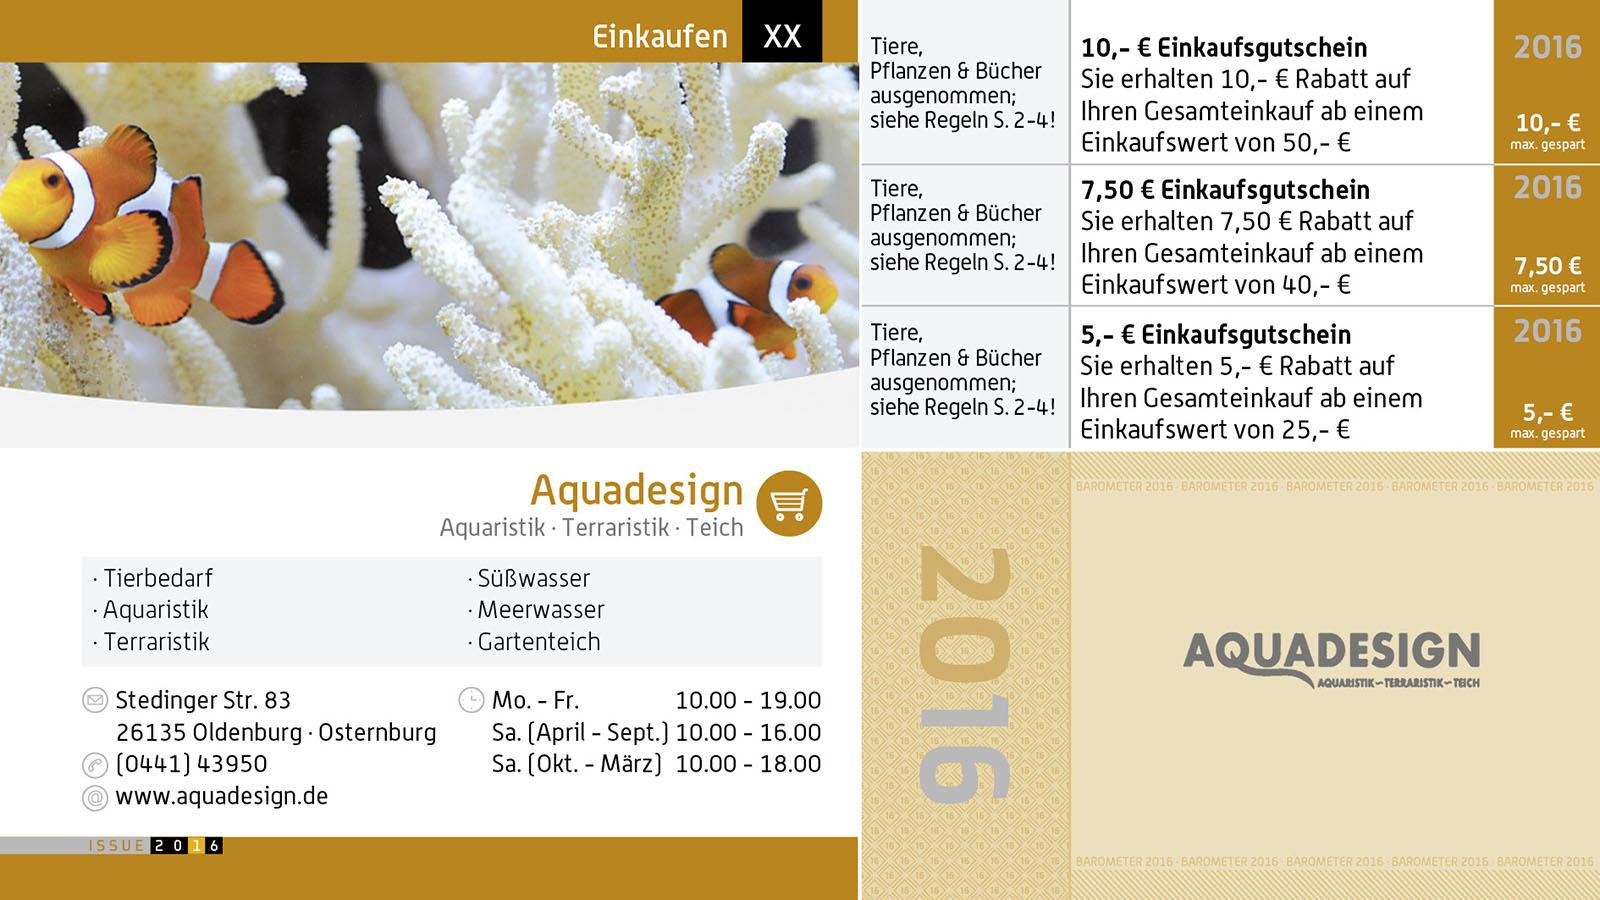 Barometer das exklusive ausgeh scheckheft und gutschein for Aqua design oldenburg